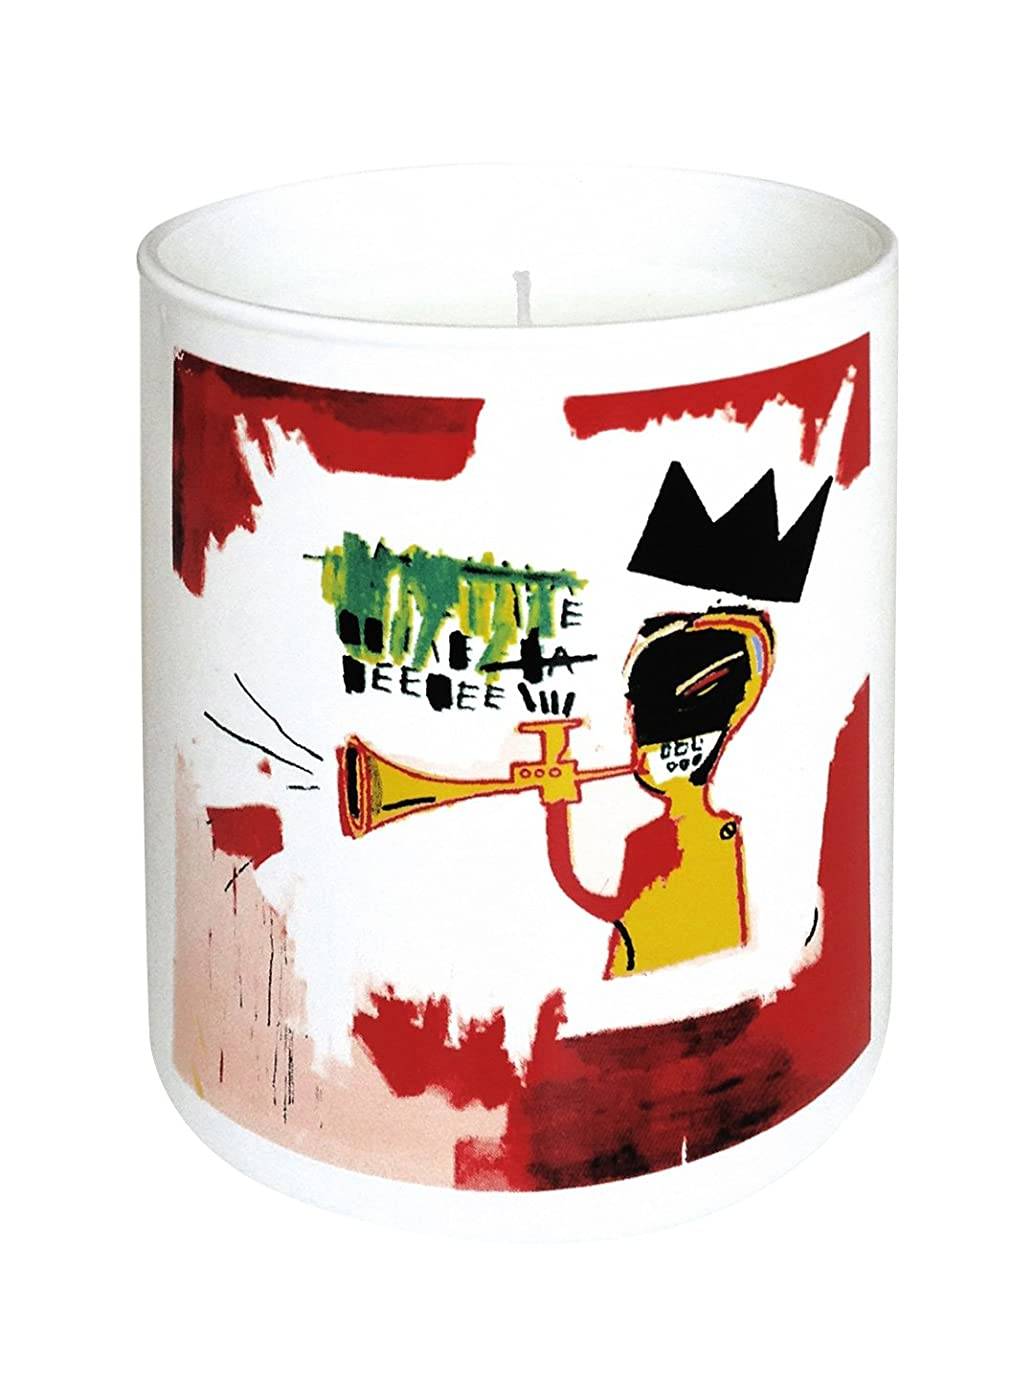 収入バック大使ジャン ミシェル バスキア トランペット キャンドル(Jean-Michael Basquiat Perfumed Candle